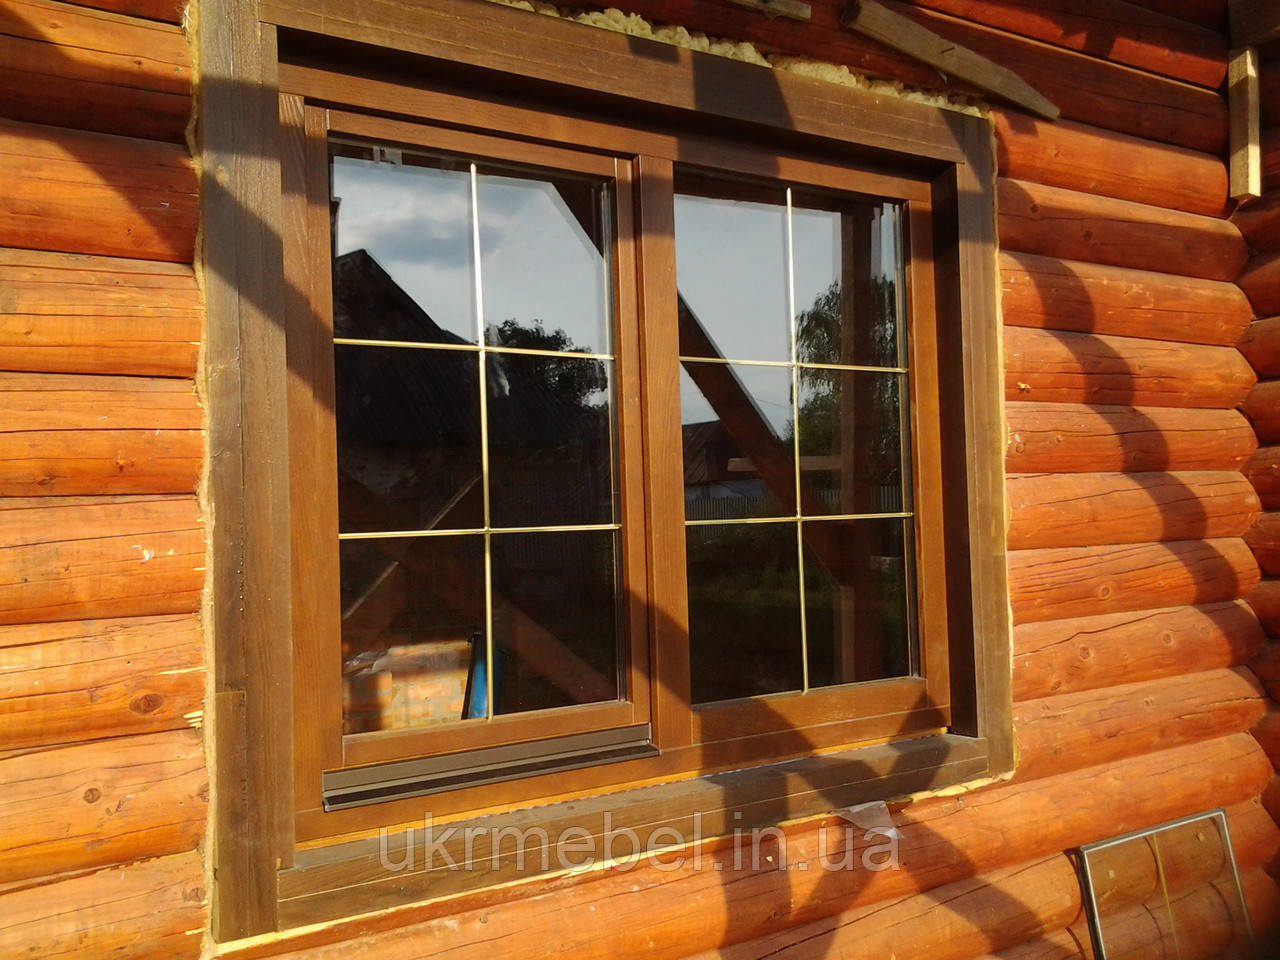 Деревянные окна. Окна деревянные